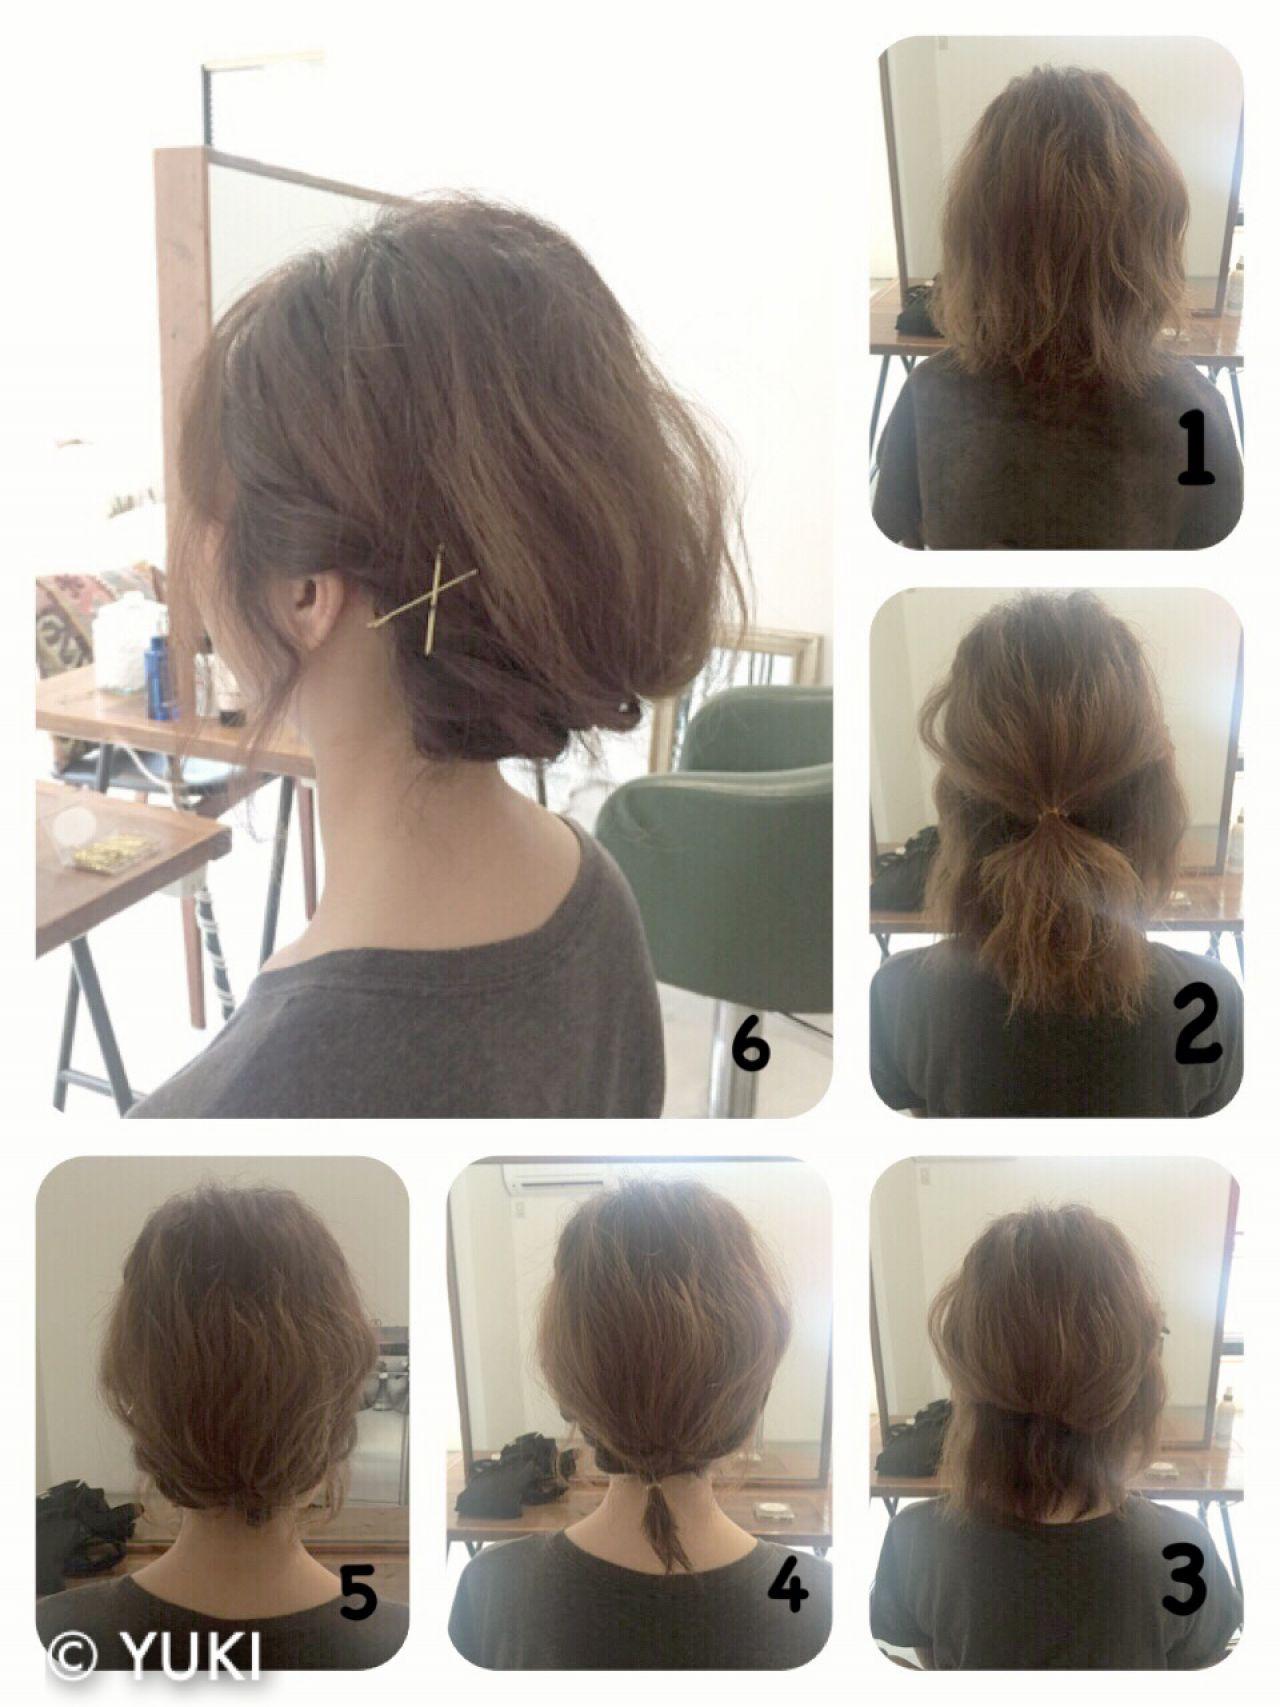 ヘアアレンジ ストリート 結婚式 波ウェーブ ヘアスタイルや髪型の写真・画像 | YUKI / BUZZ